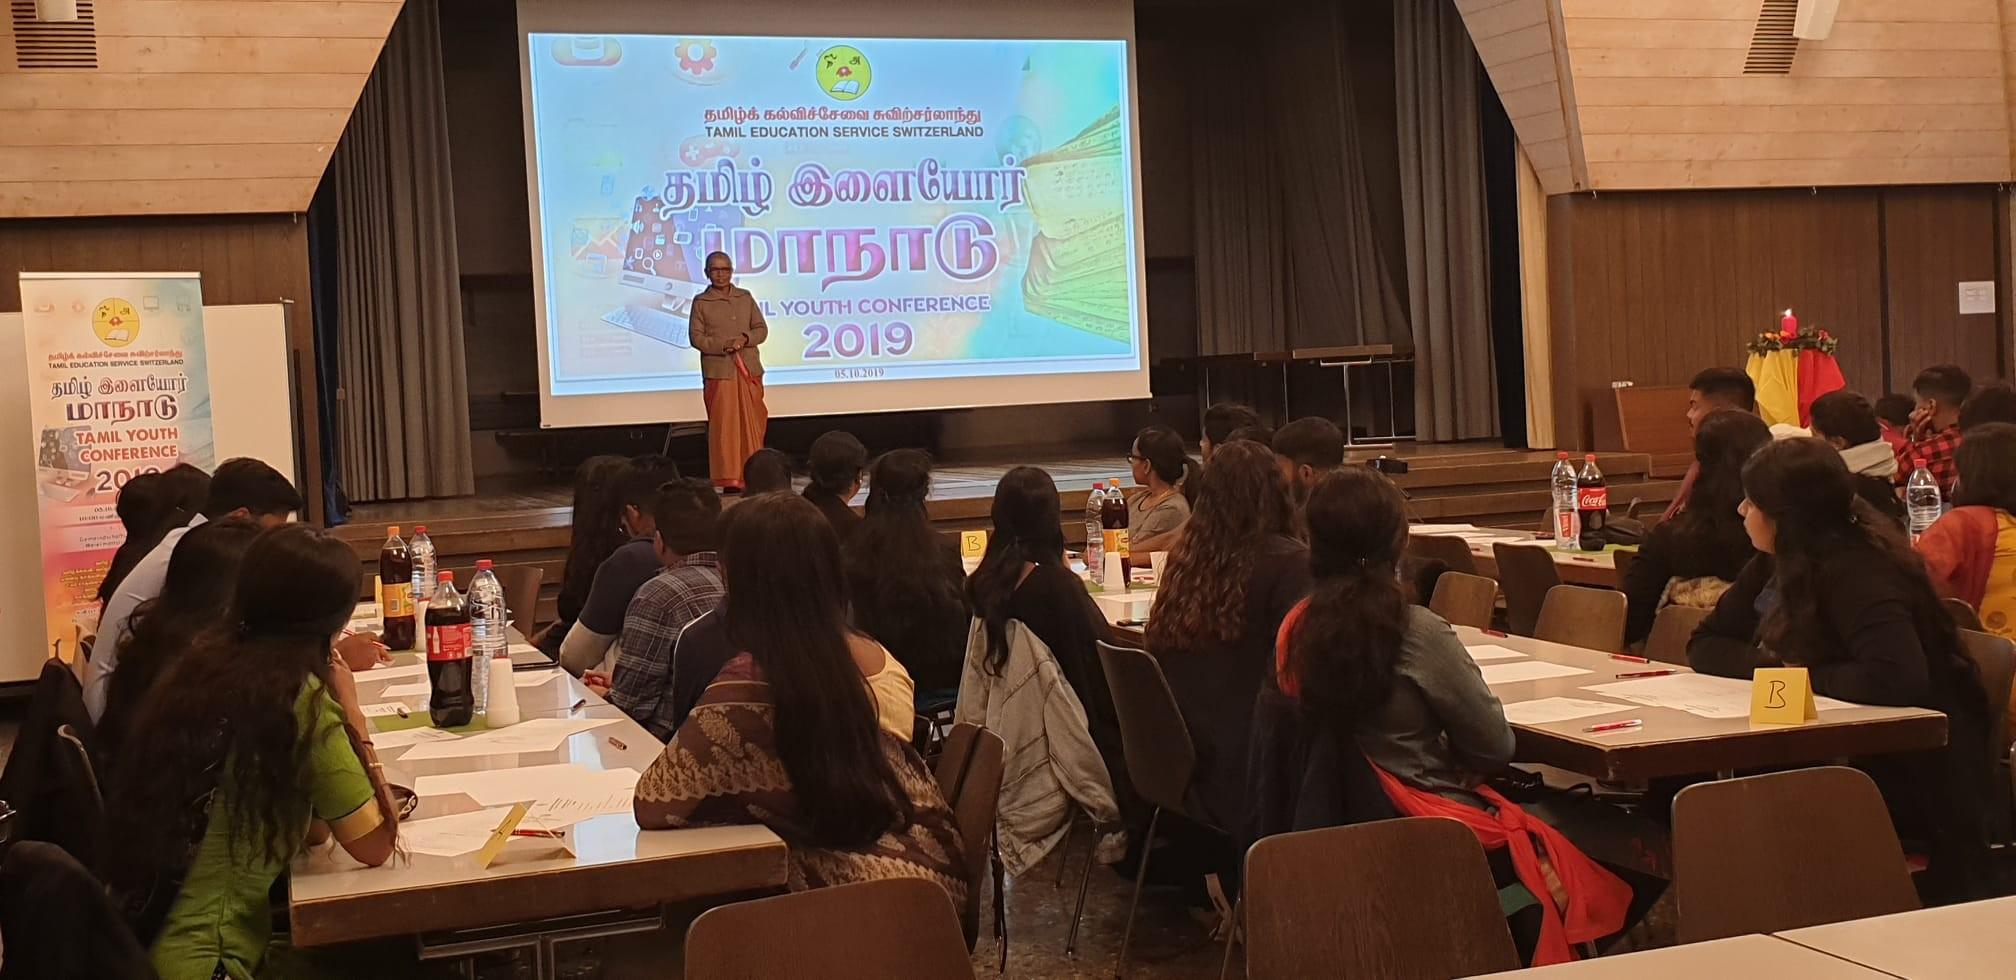 தமிழ்க் கல்விச்சேவை சுவிற்சர்லாந்து தமிழ் இளையோர் மாநாடு 2019